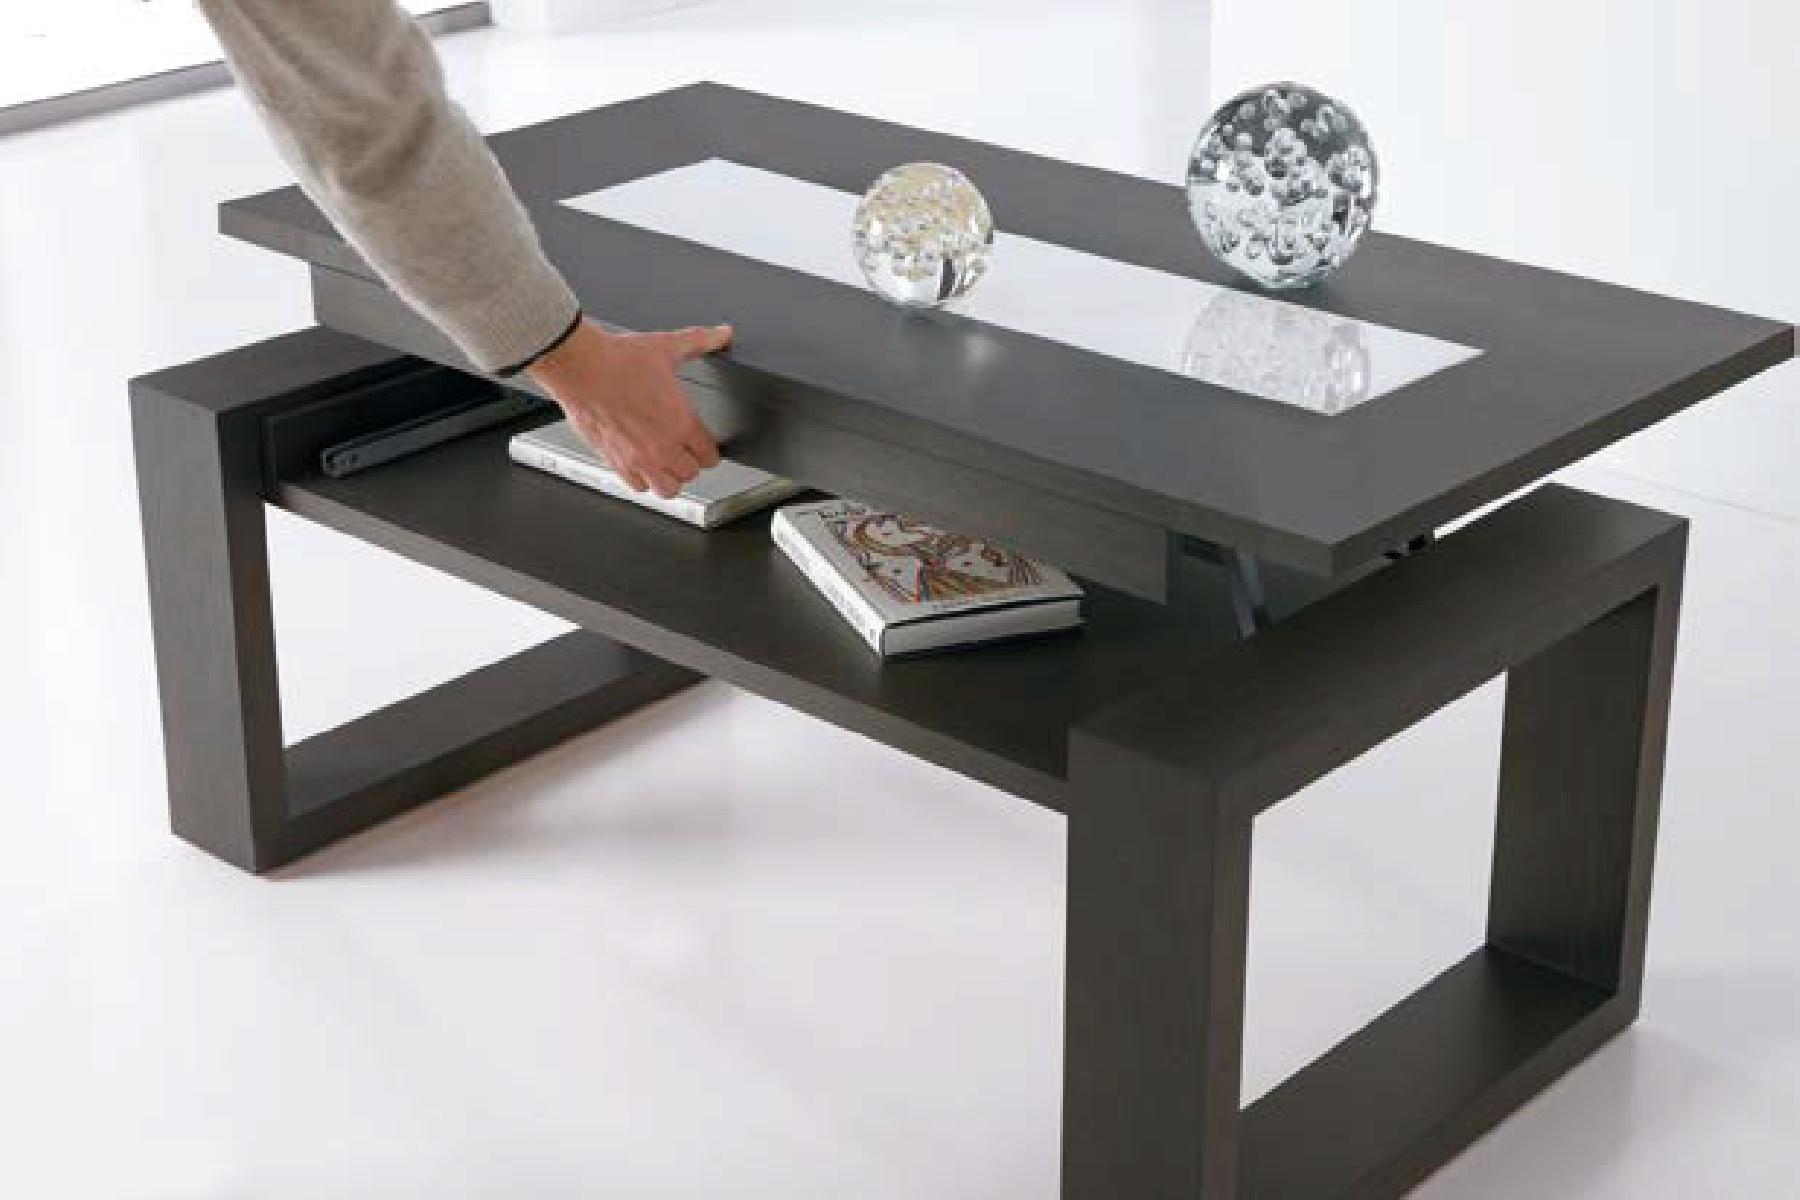 Журнальный стол прямоугольный 549 Disemobel